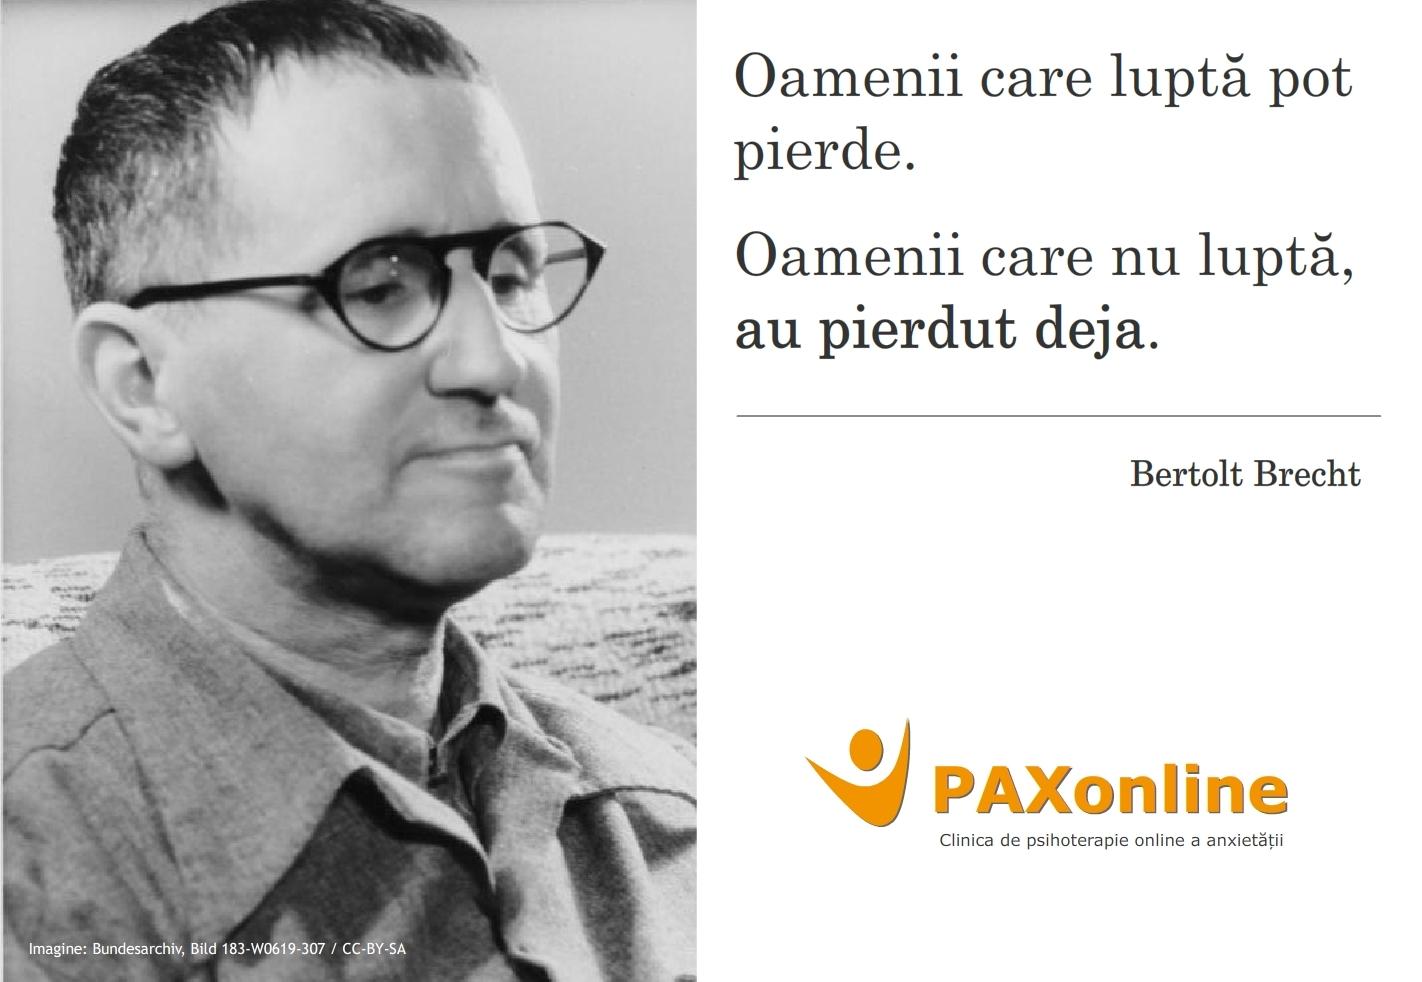 Citat Bertolt Brecht